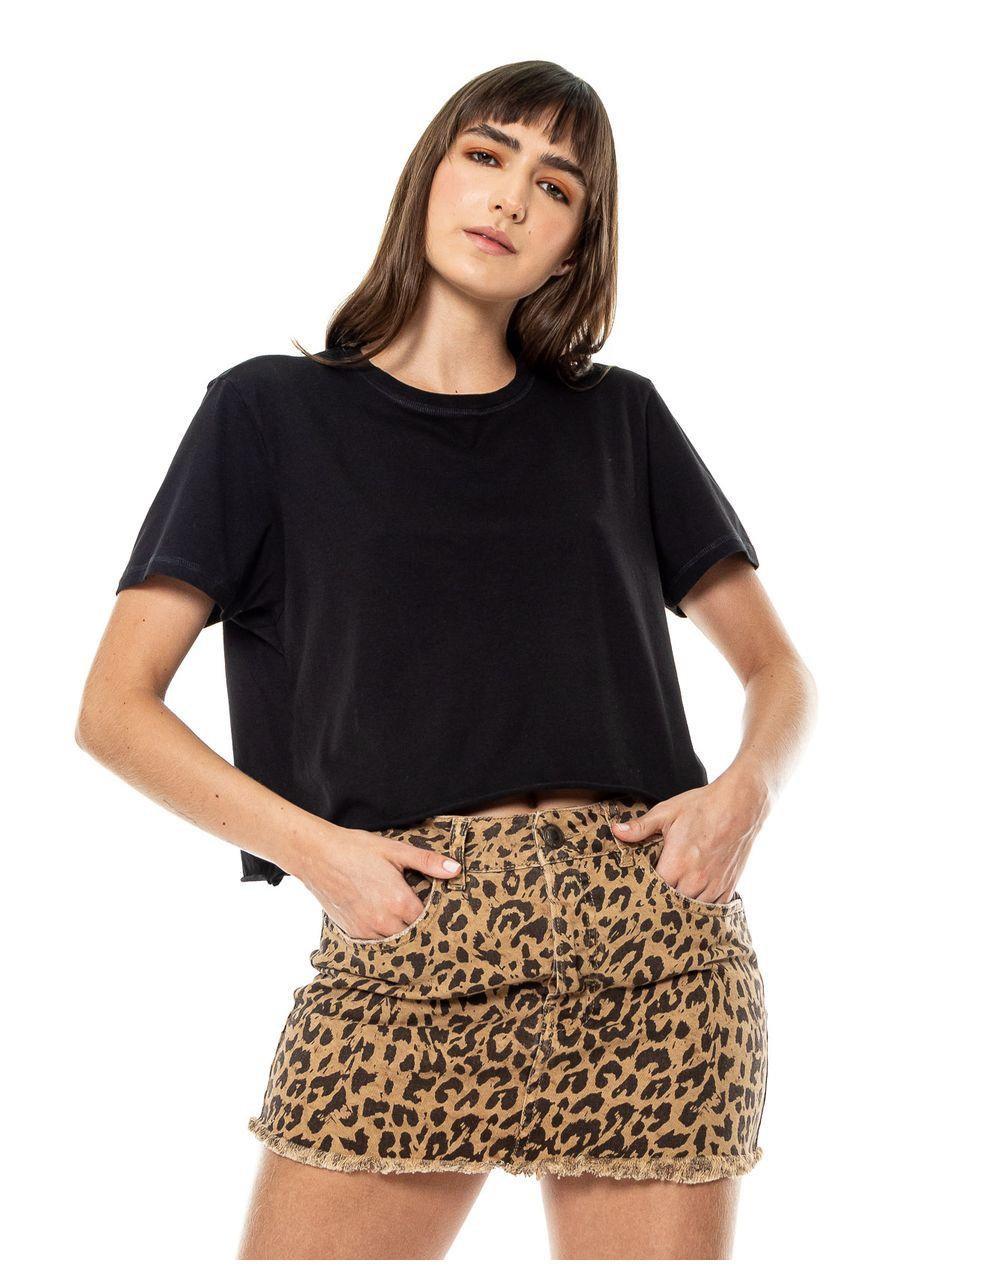 camiseta-044347-negro-1.jpg